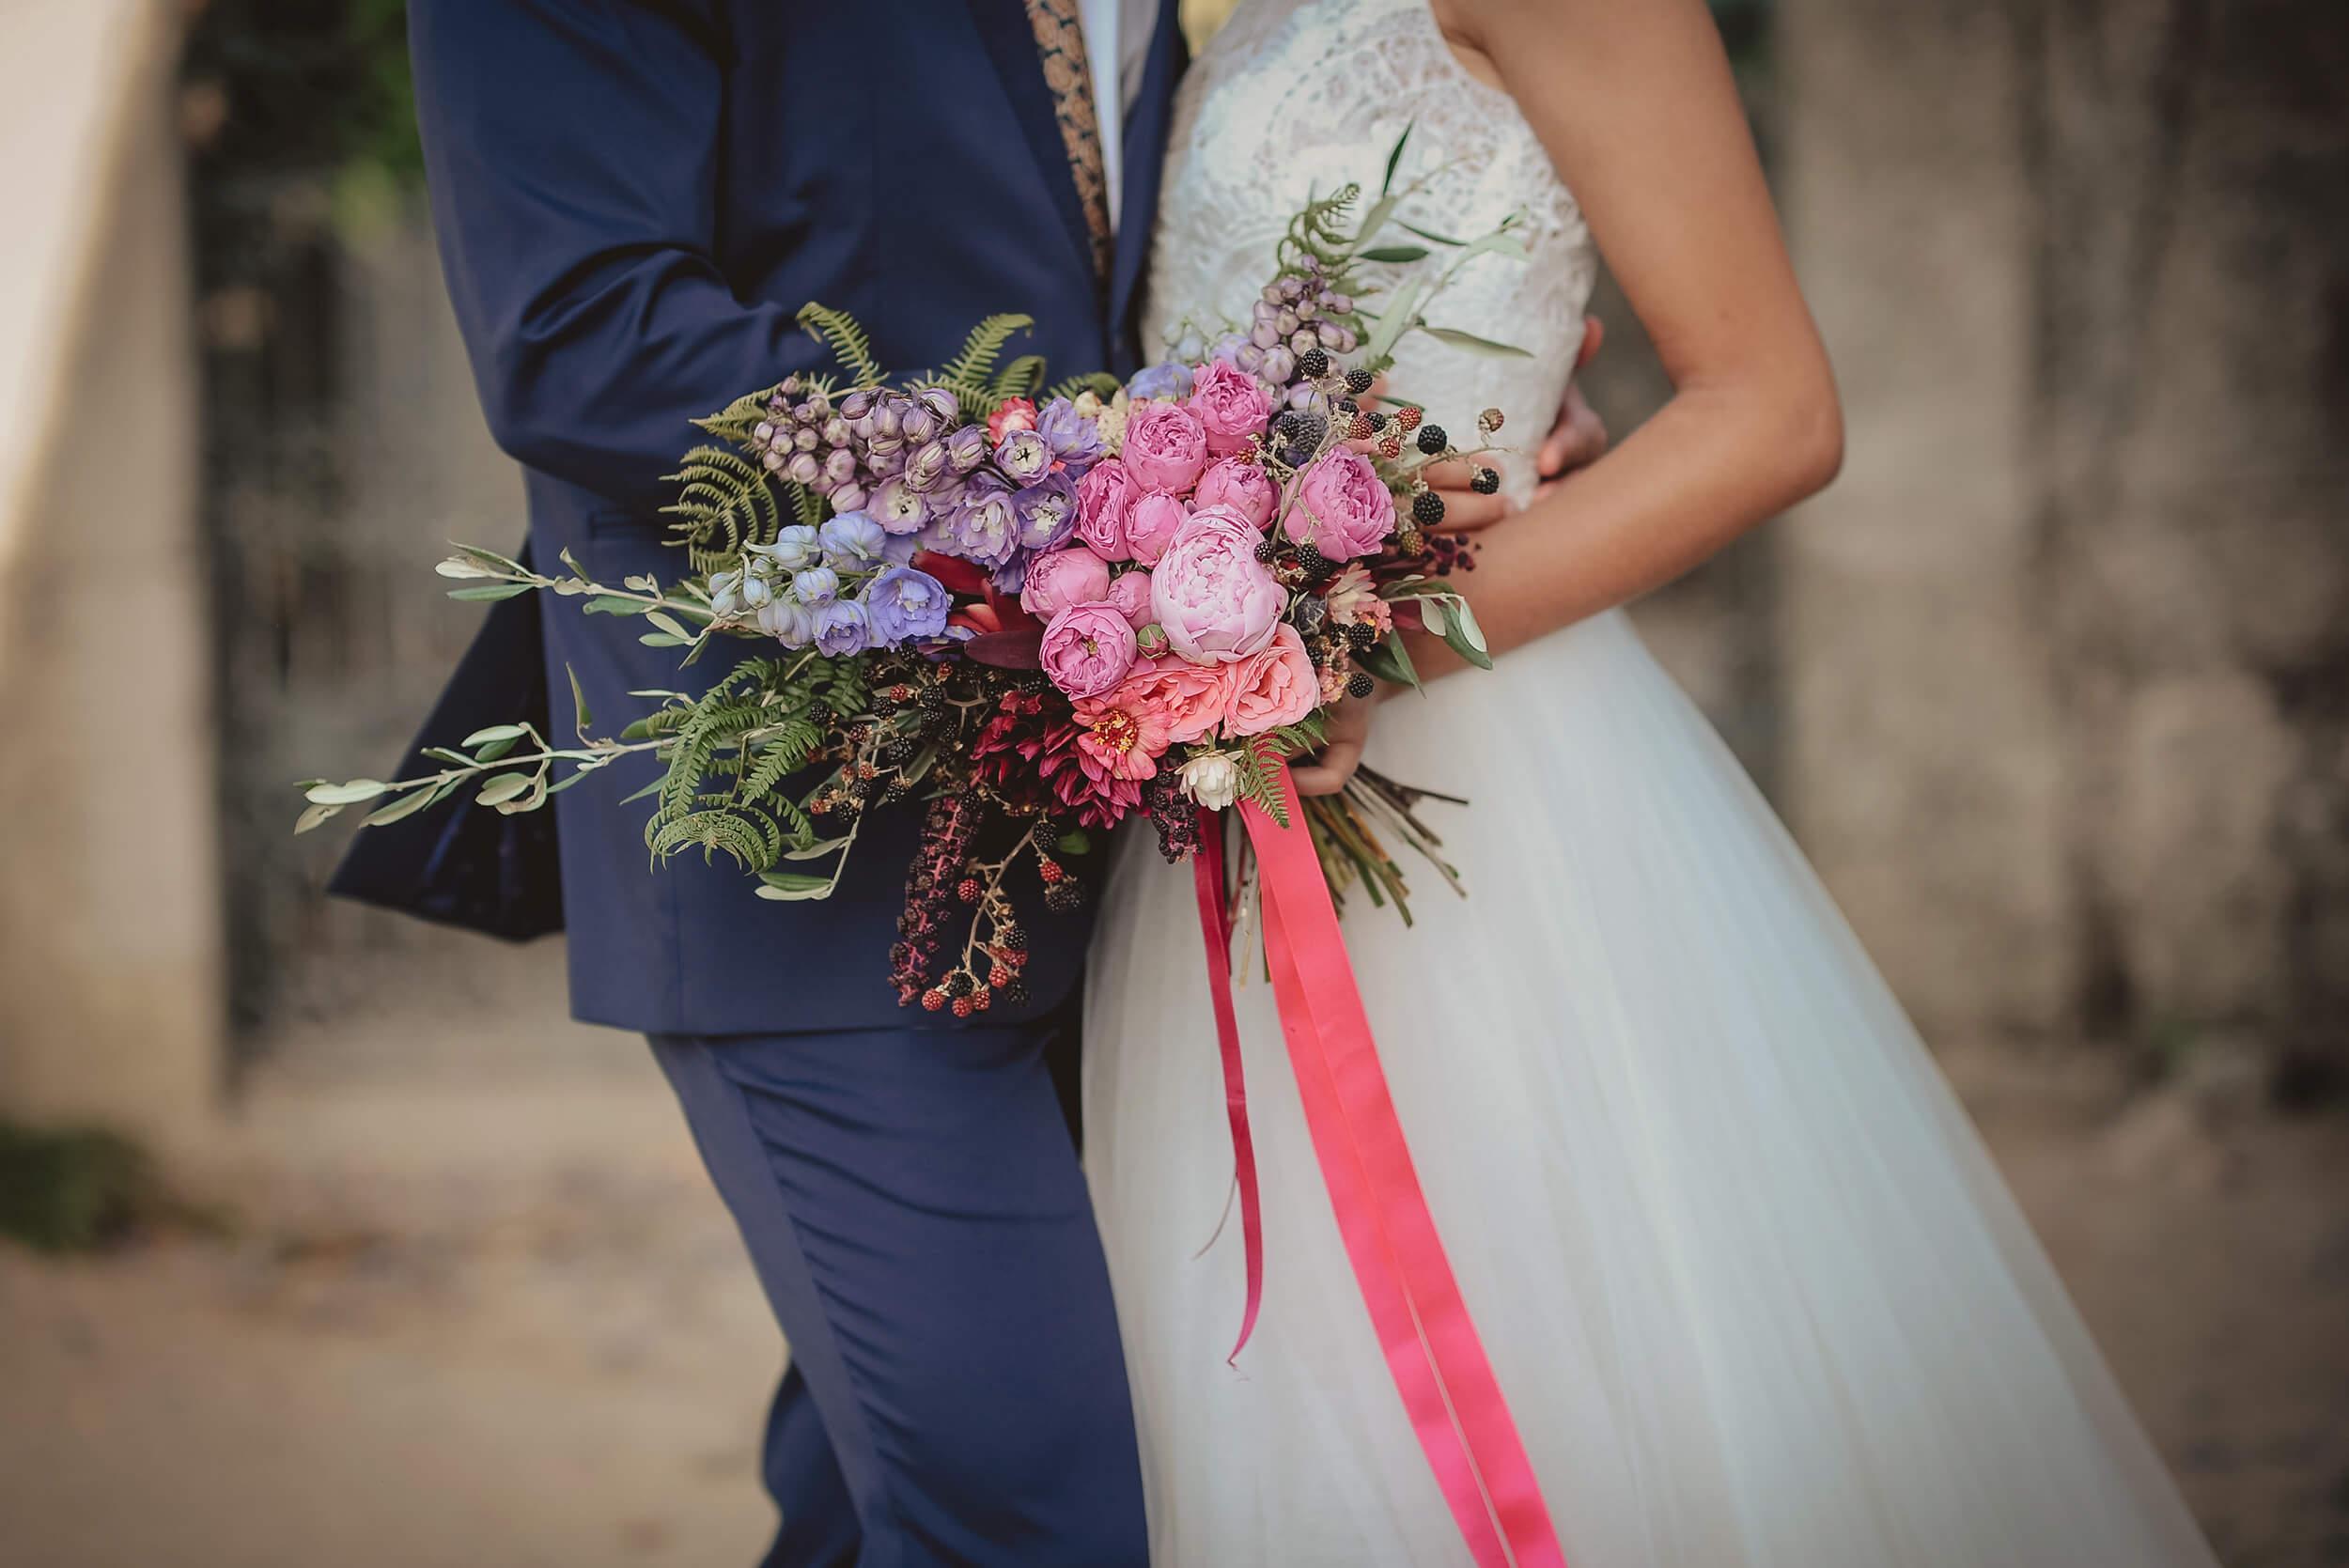 roma-organizacao-eventos-editorial-casamento-colorful-wedding-25